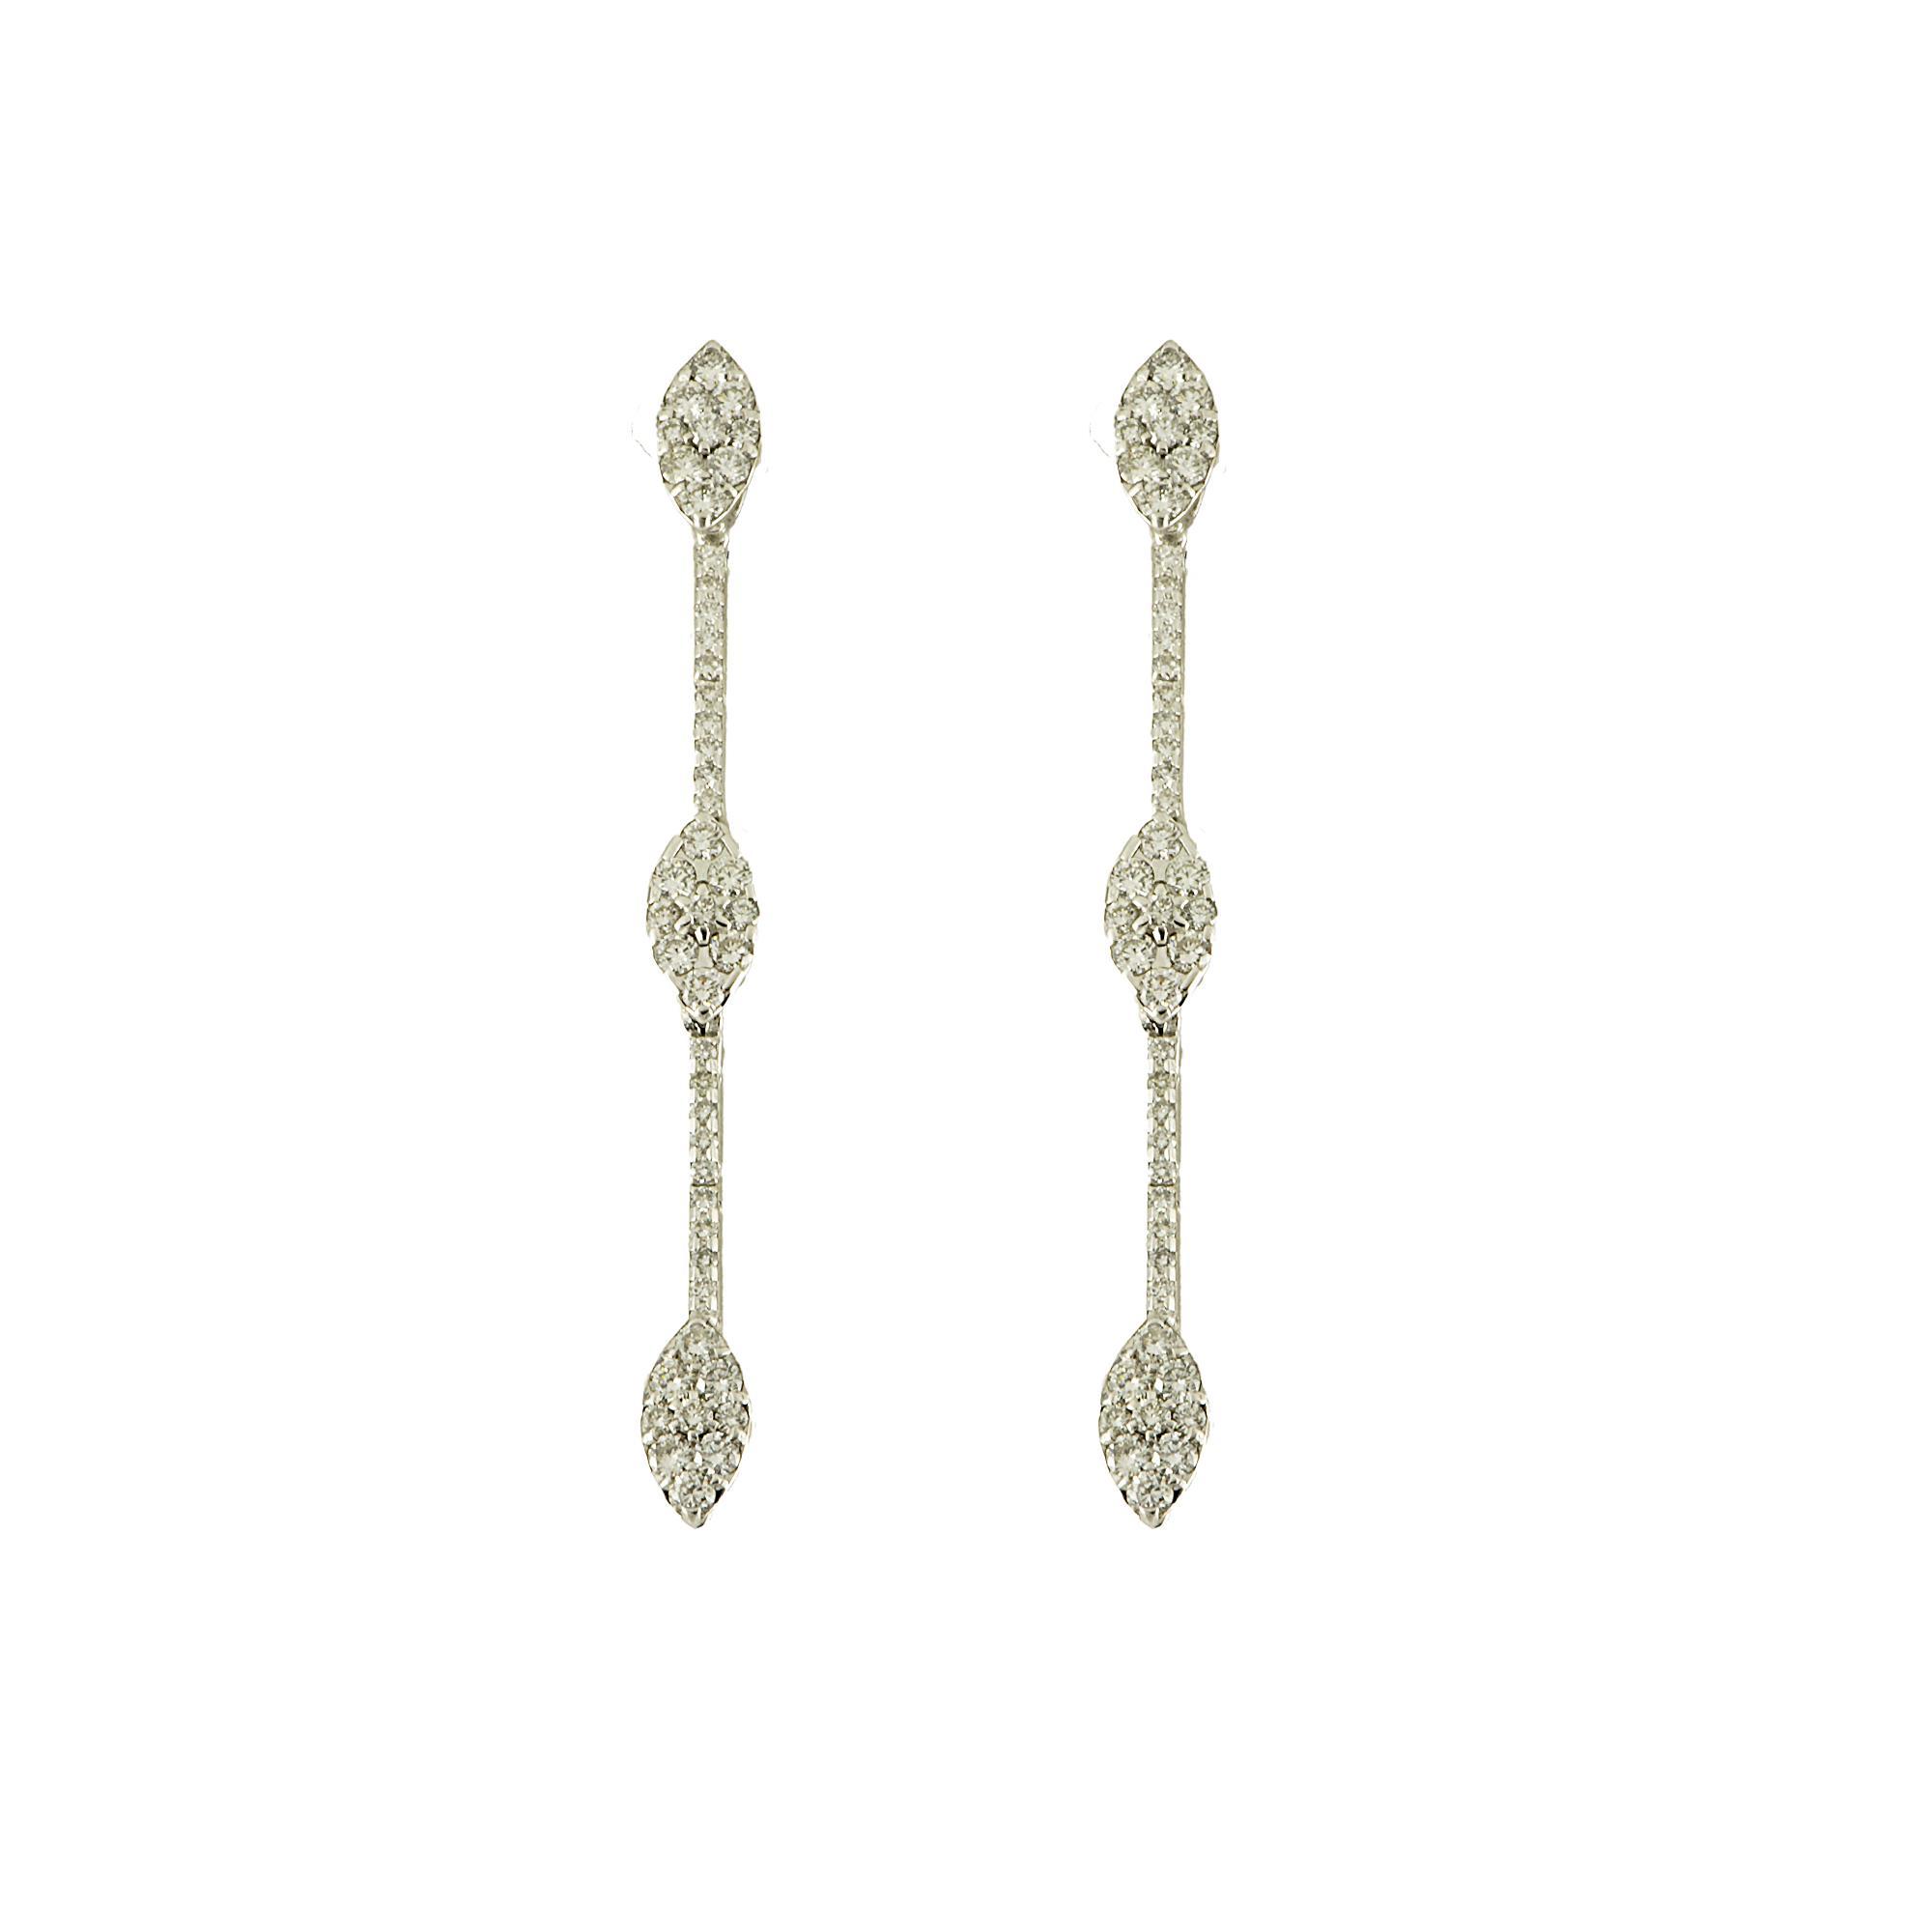 Orecchini in oro bianco e diamanti ct 1.04 - ROBERTO DEMEGLIO